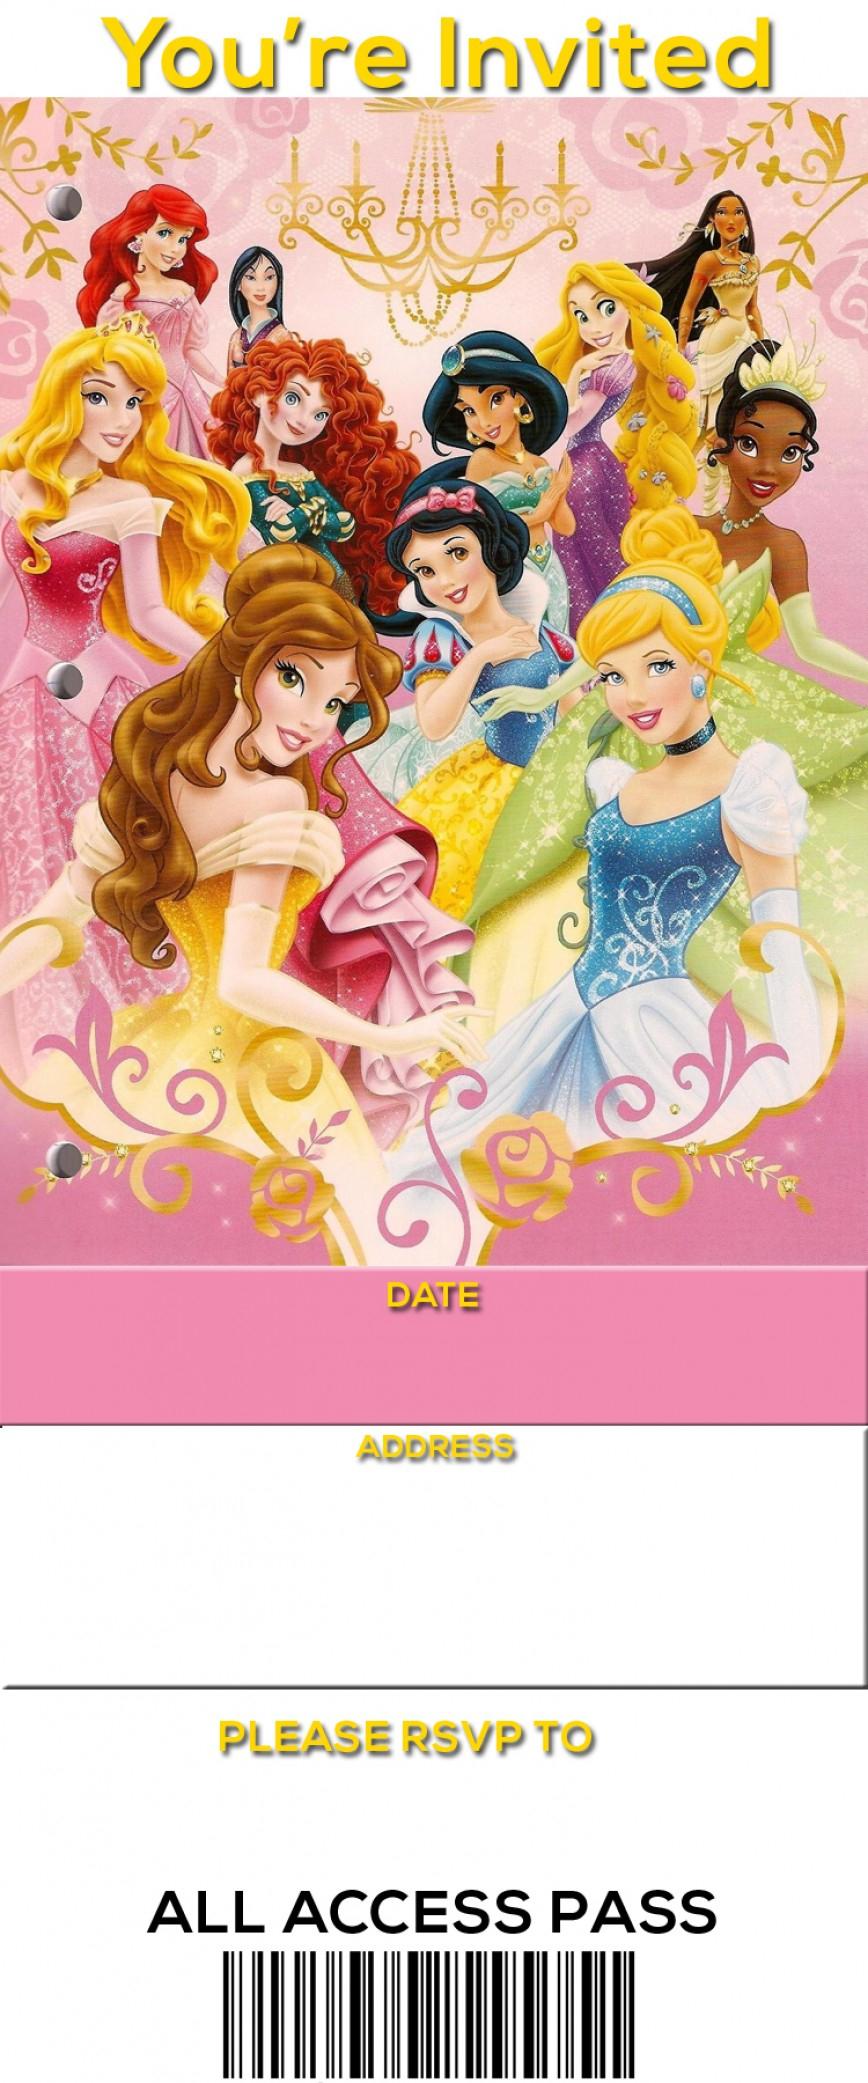 004 Free Printable Disney Princess Ticket Birthday Invitation - Disney Princess Free Printable Invitations